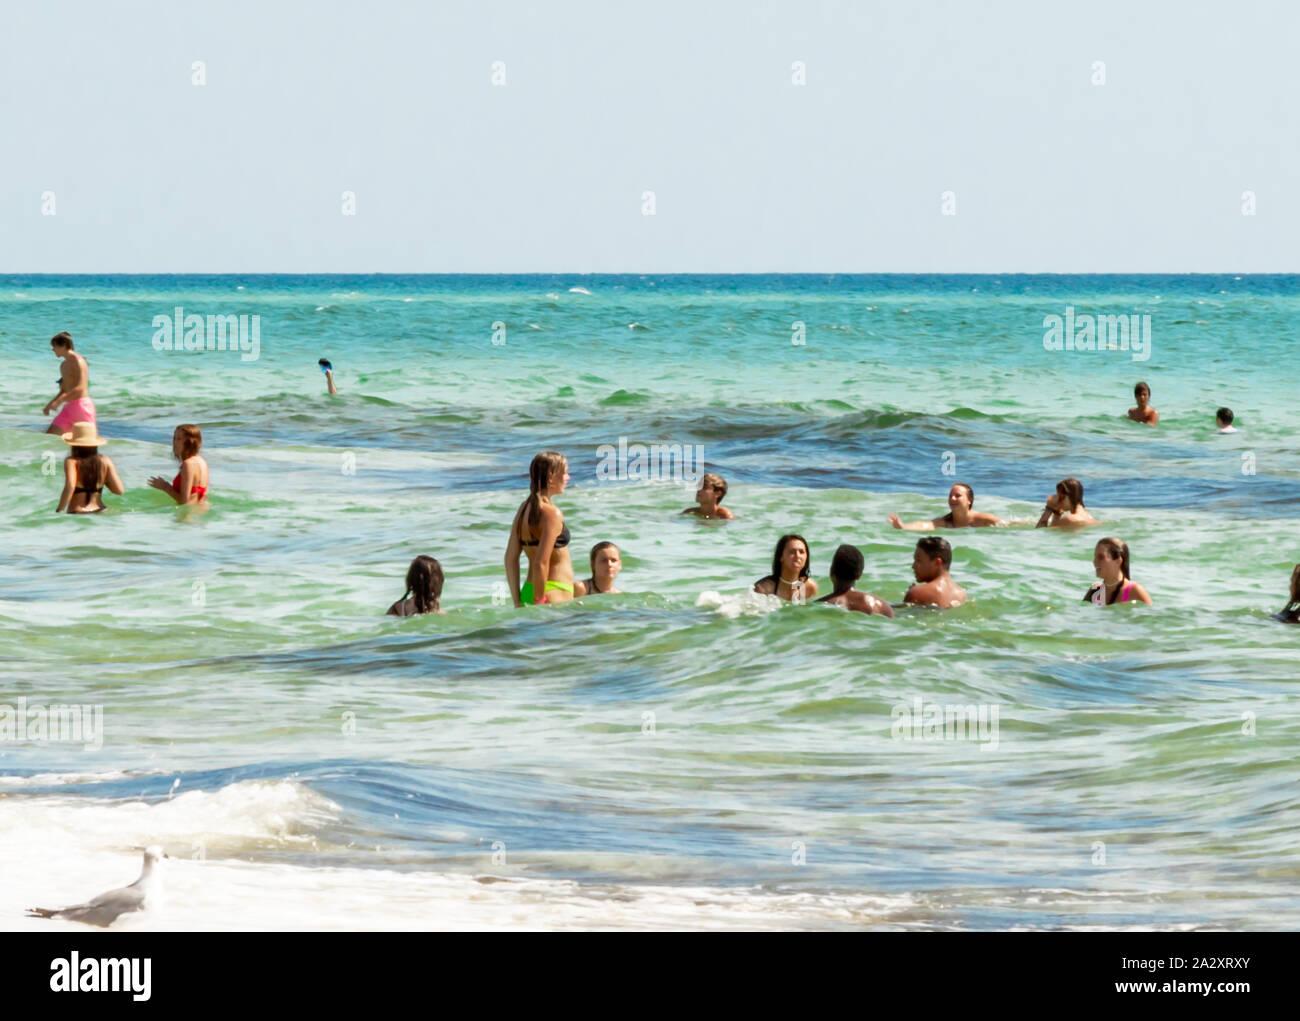 Les adolescents dans les vagues en mer, en Floride Banque D'Images